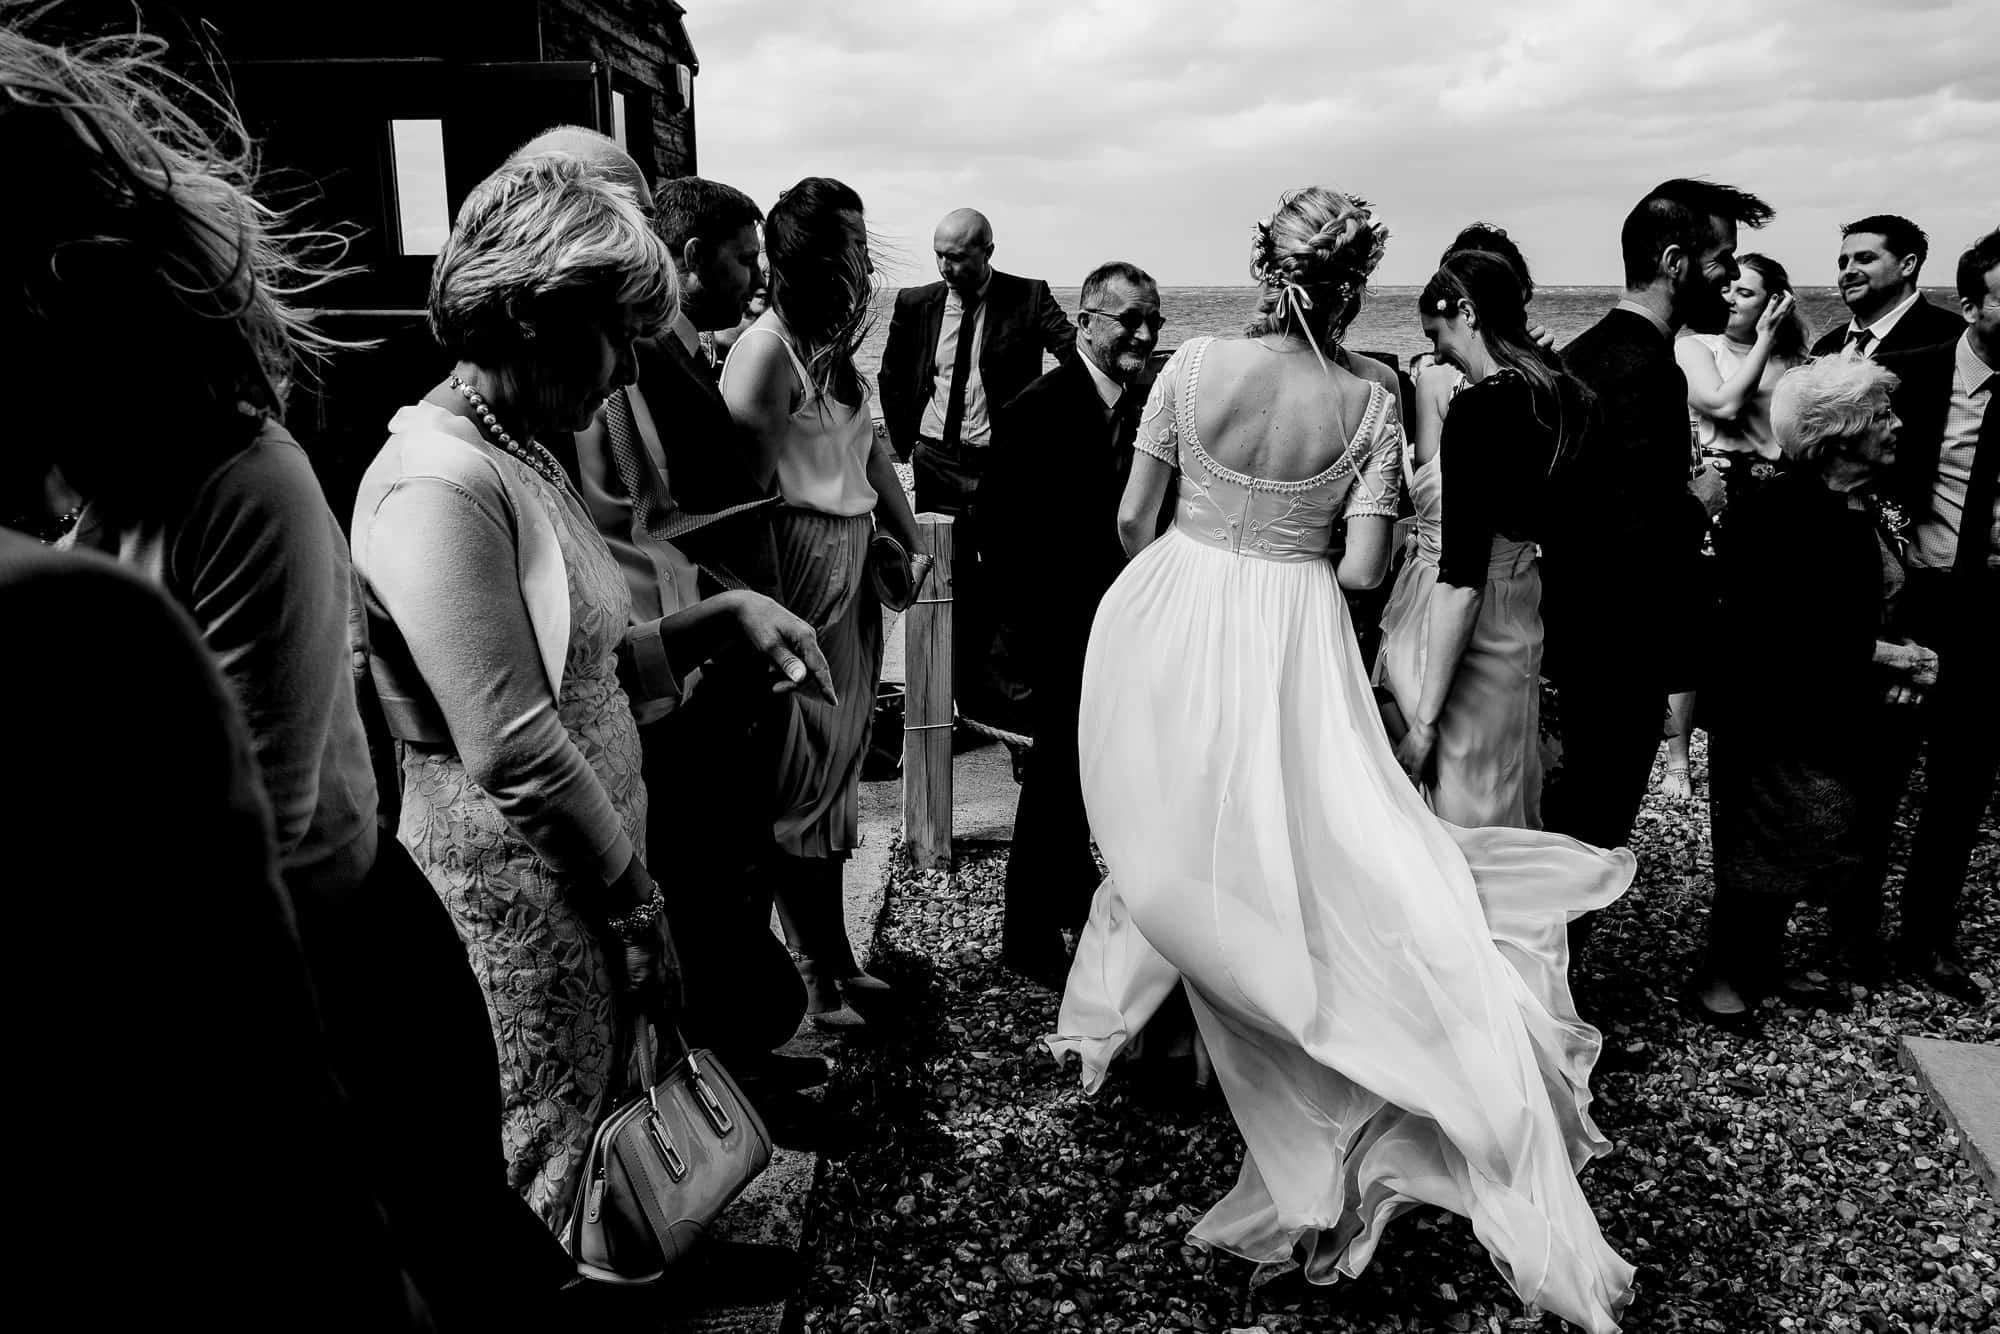 east-quay-wedding-photography-matt-tyler-0047